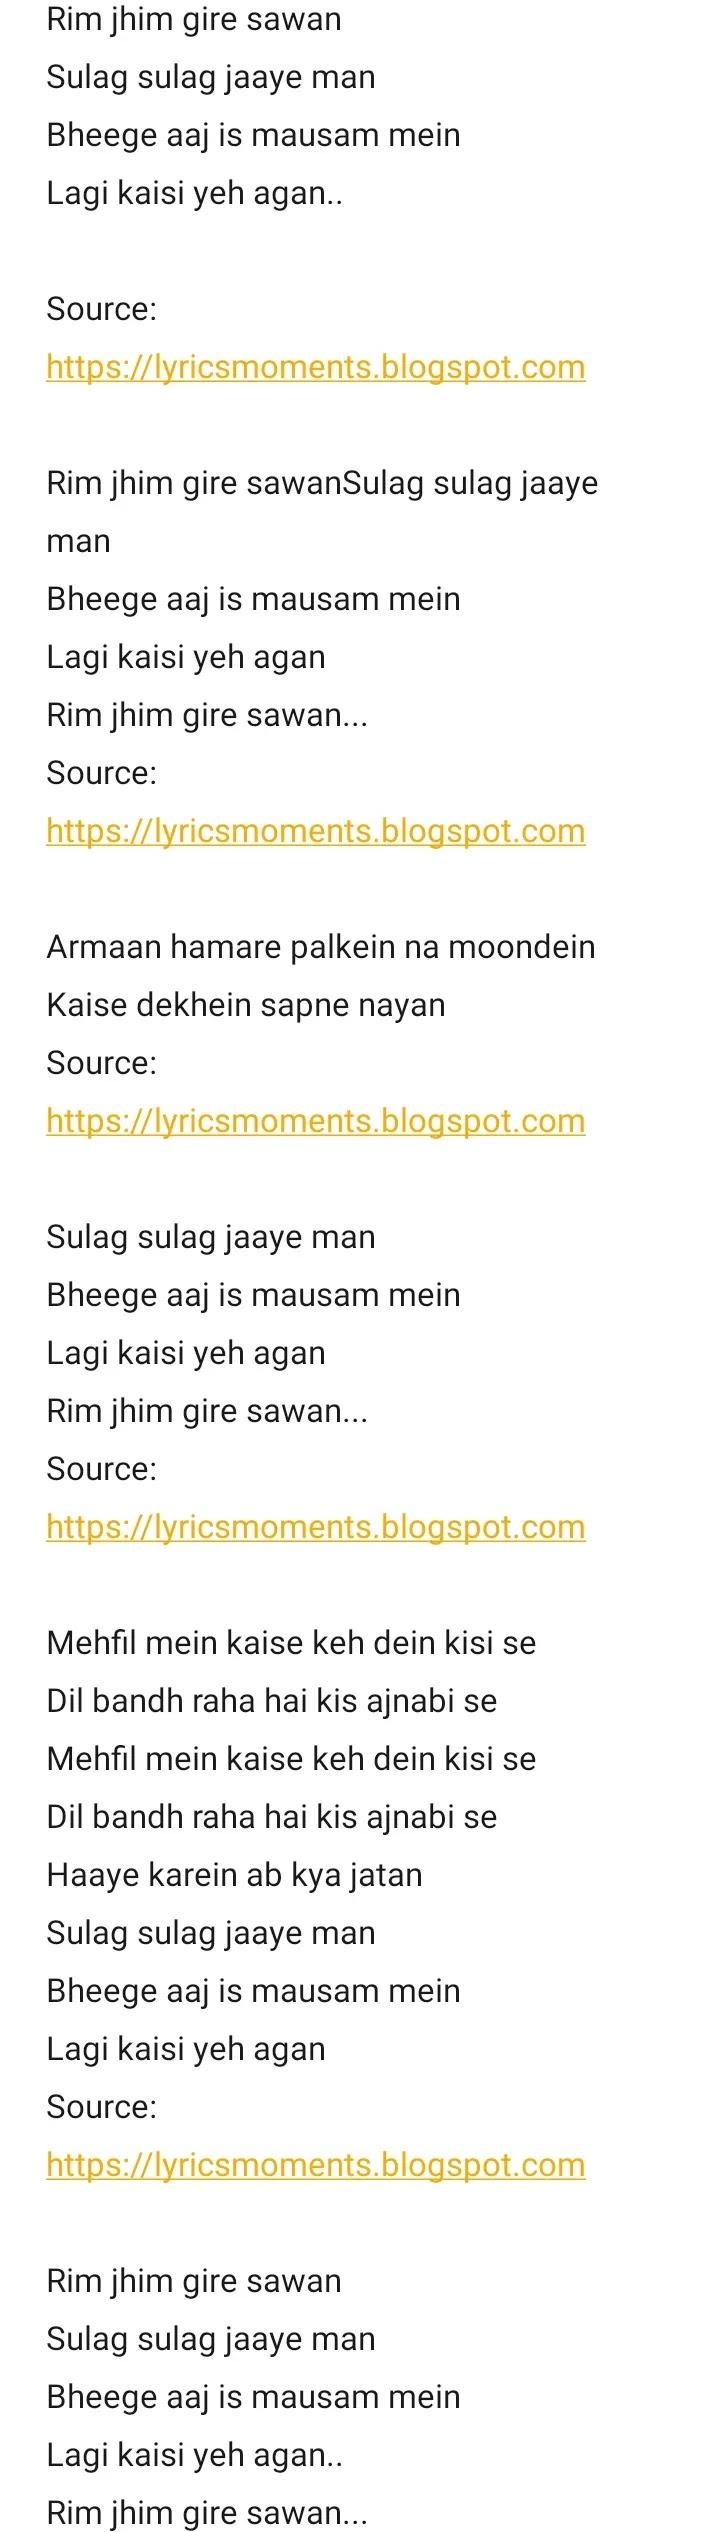 Rim jhim gire sawan lyrics - kishore kumar | manzil